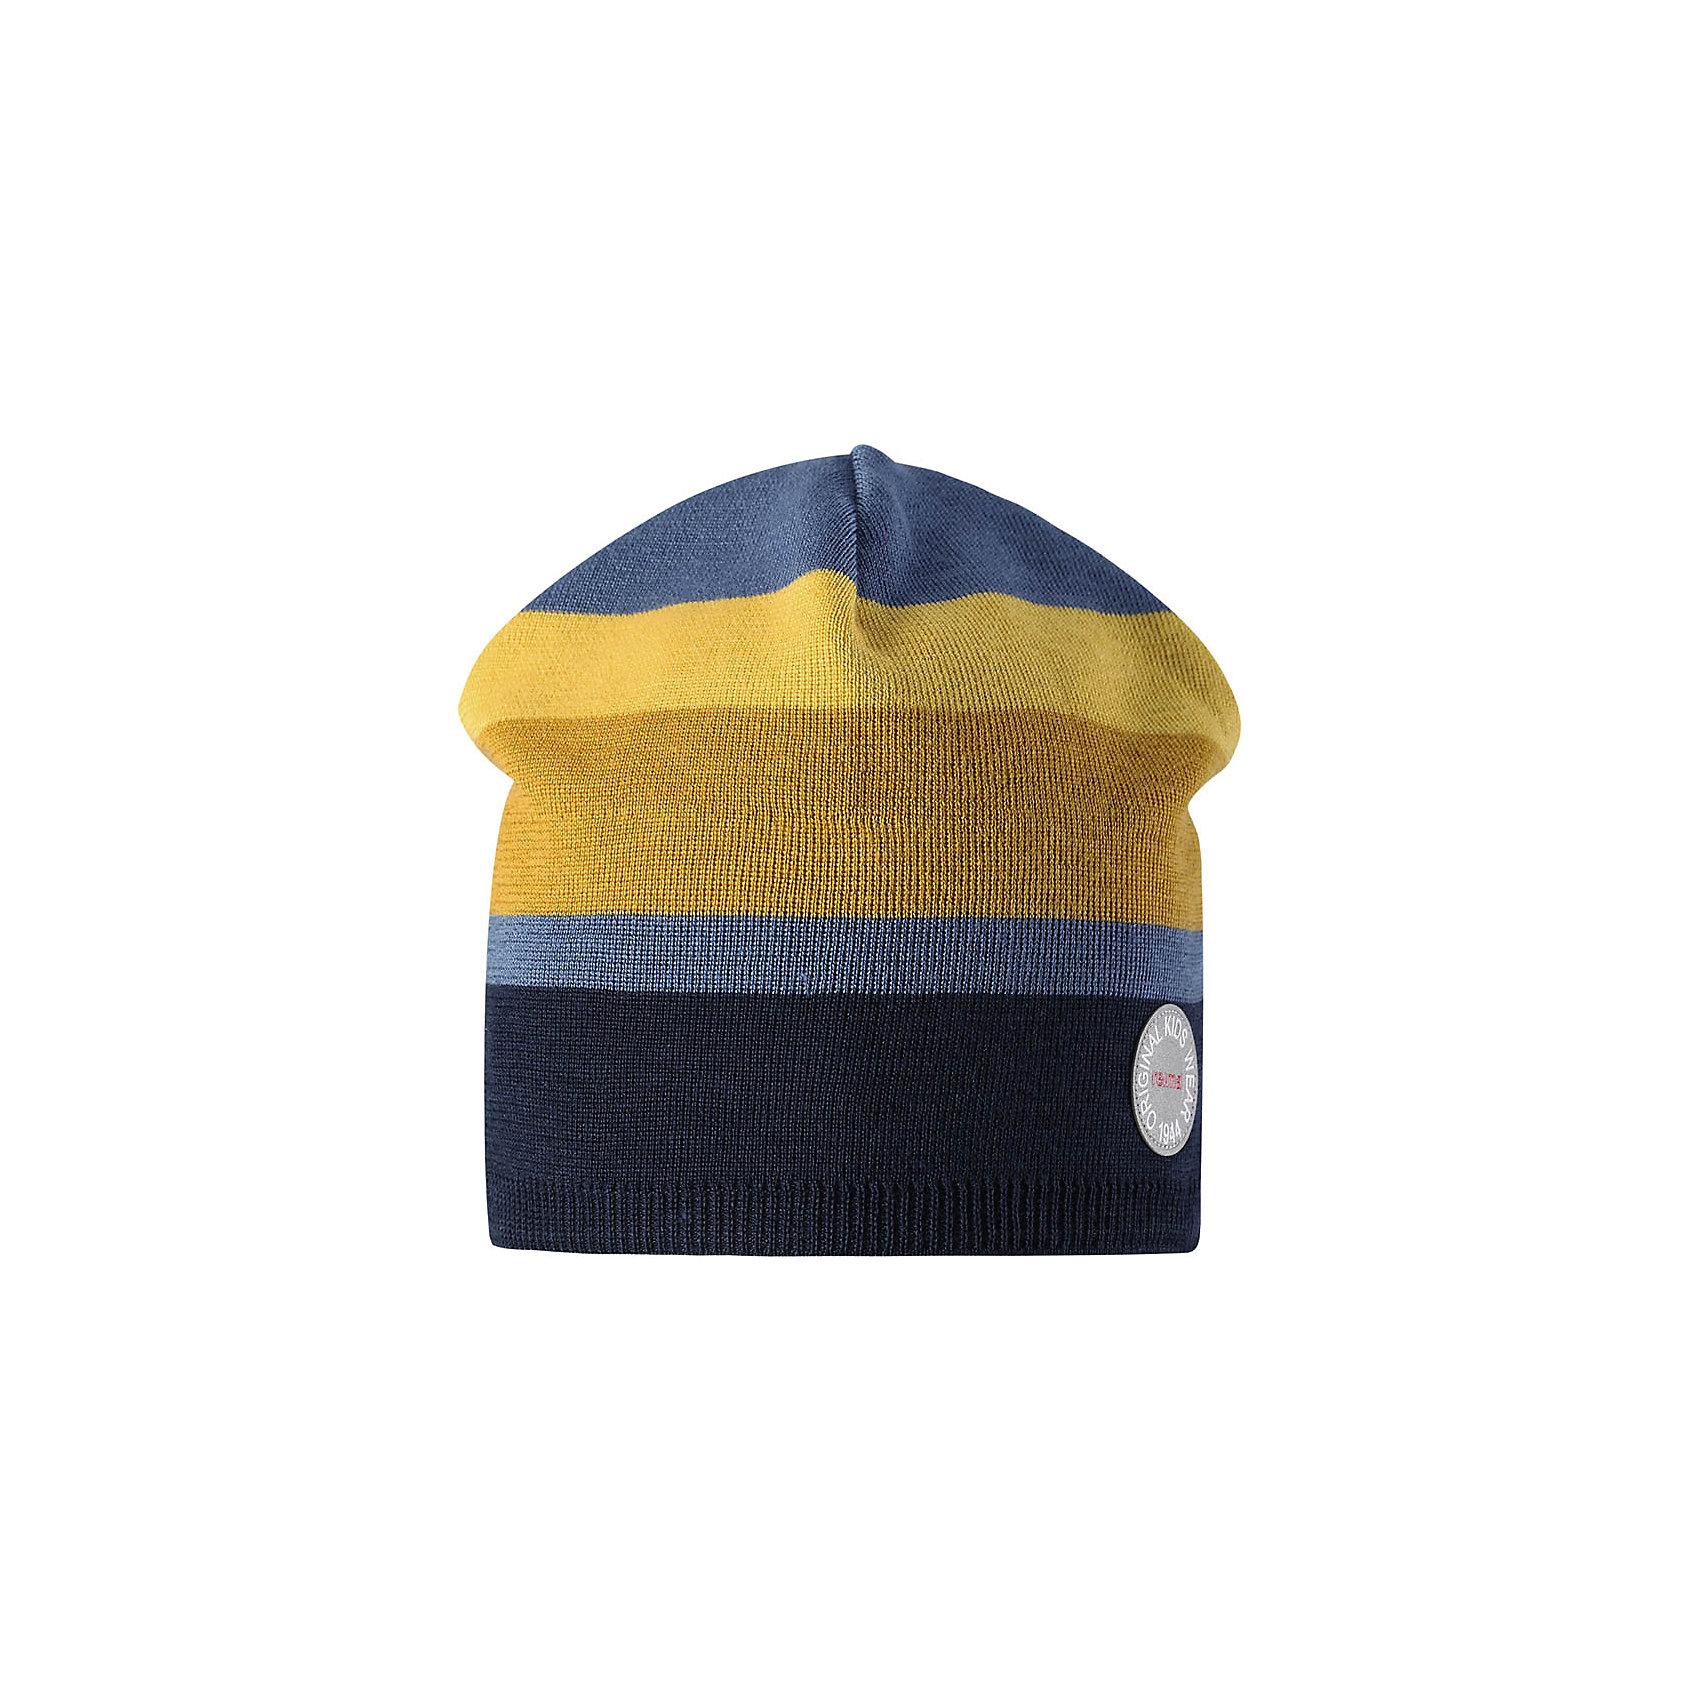 Шапка Reima NebulaГоловные уборы<br>Характеристики товара:<br><br>• цвет: синий/желтый;<br>• состав: 50% шерсть, 50% полиакрил;<br>• сезон: зима;<br>• температурный режим: от +5 до -10С;<br>• шерсть идеально поддерживает температуру;<br>• мягкая и теплая ткань из смеси шерсти;<br>• ветронепроницаемые вставки в области ушей;<br>• частичная подкладка;<br>• логотип Reima® спереди;<br>• страна бренда: Финляндия;<br>• страна изготовитель: Китай.<br><br>Детская шапка из теплого шерстяного трикотажа. Материал превосходно регулирует температуру и хорошо согревает голову. Ветронепроницаемые вставки и полуподкладка из мягкого и дышащего вязаного хлопка. Сплошная жаккардовая узорная вязка. Теплый, удобный, эластичный материал.<br><br>Шапку Nebula Reima от финского бренда Reima (Рейма) можно купить в нашем интернет-магазине.<br><br>Ширина мм: 89<br>Глубина мм: 117<br>Высота мм: 44<br>Вес г: 155<br>Цвет: синий<br>Возраст от месяцев: 84<br>Возраст до месяцев: 144<br>Пол: Унисекс<br>Возраст: Детский<br>Размер: 56,50,52,54<br>SKU: 6902510